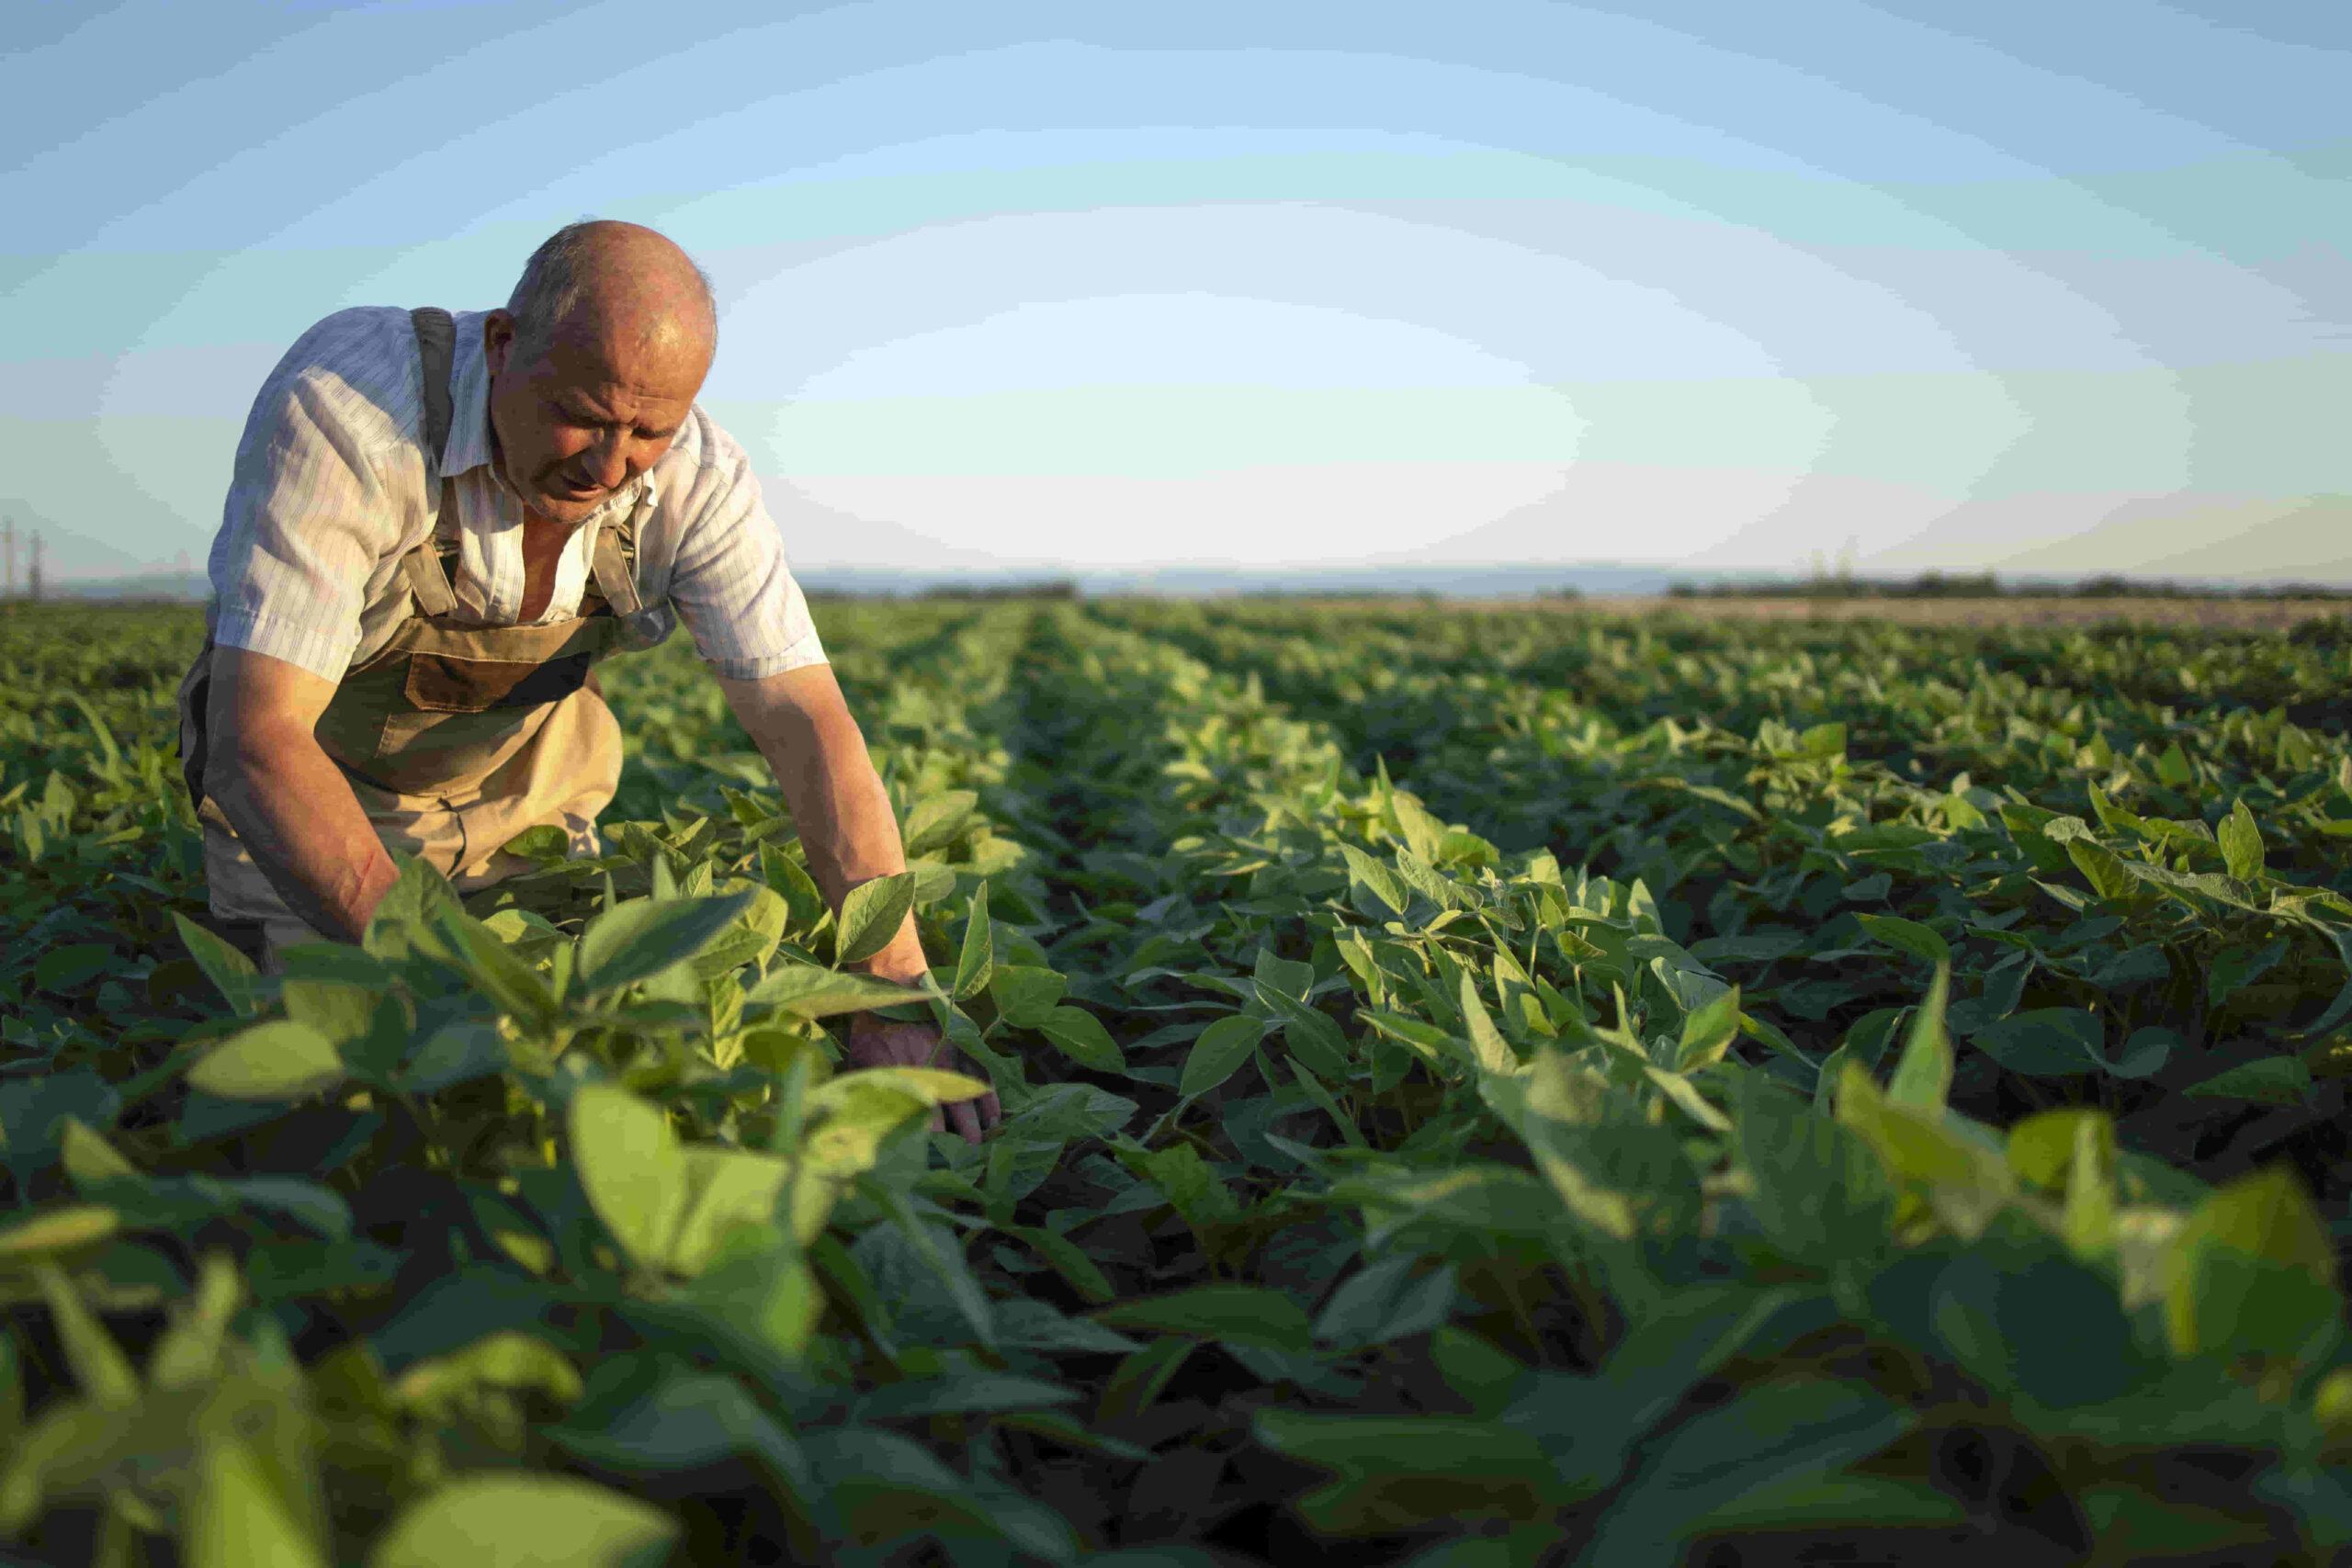 semillas siendo sembradas con el método de siembra directa